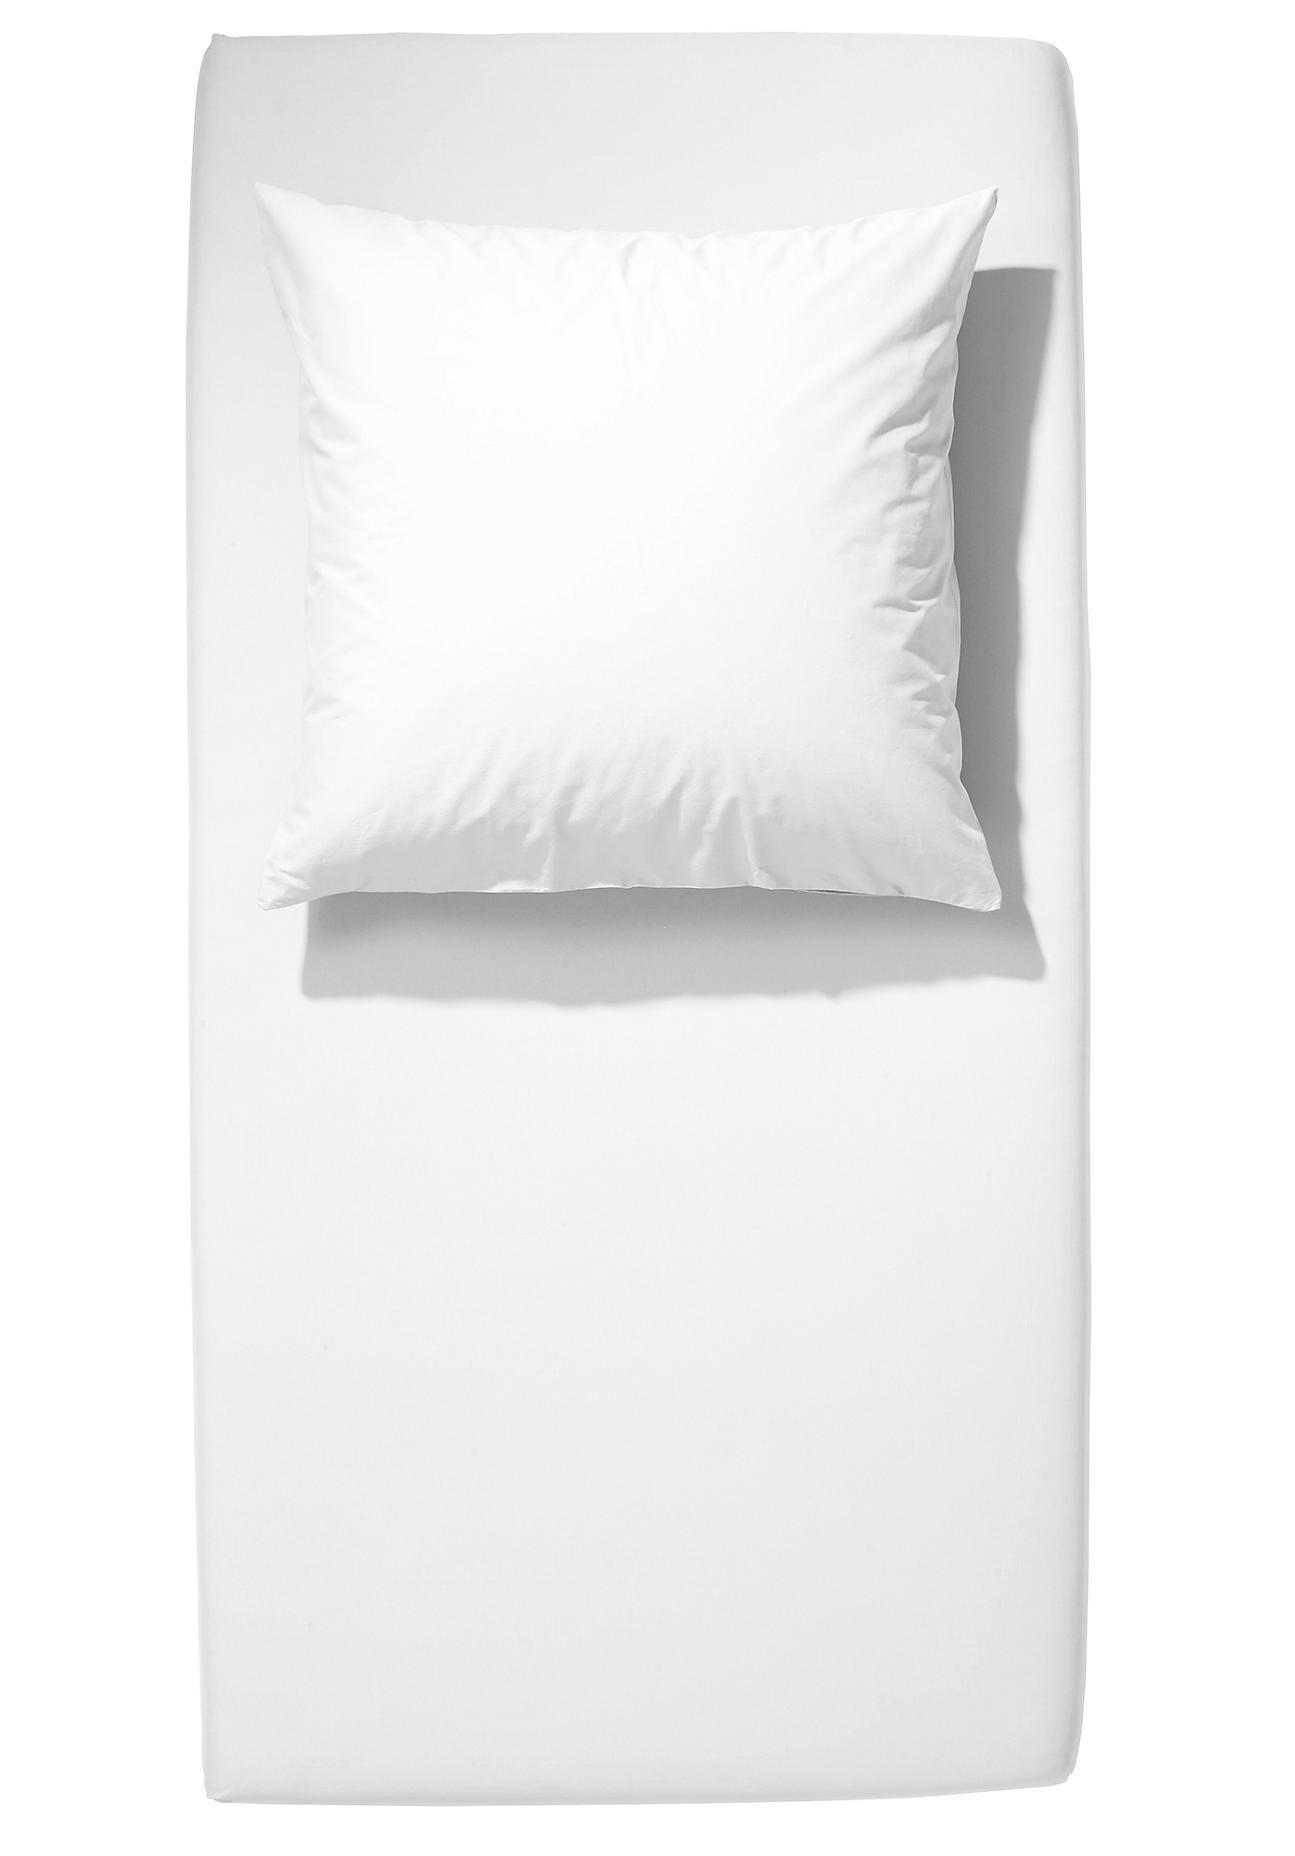 Image of hessnatur Baby Kinder Jersey-Spannbettlaken aus Bio-Baumwolle – weiß – Größe 40x90 cm